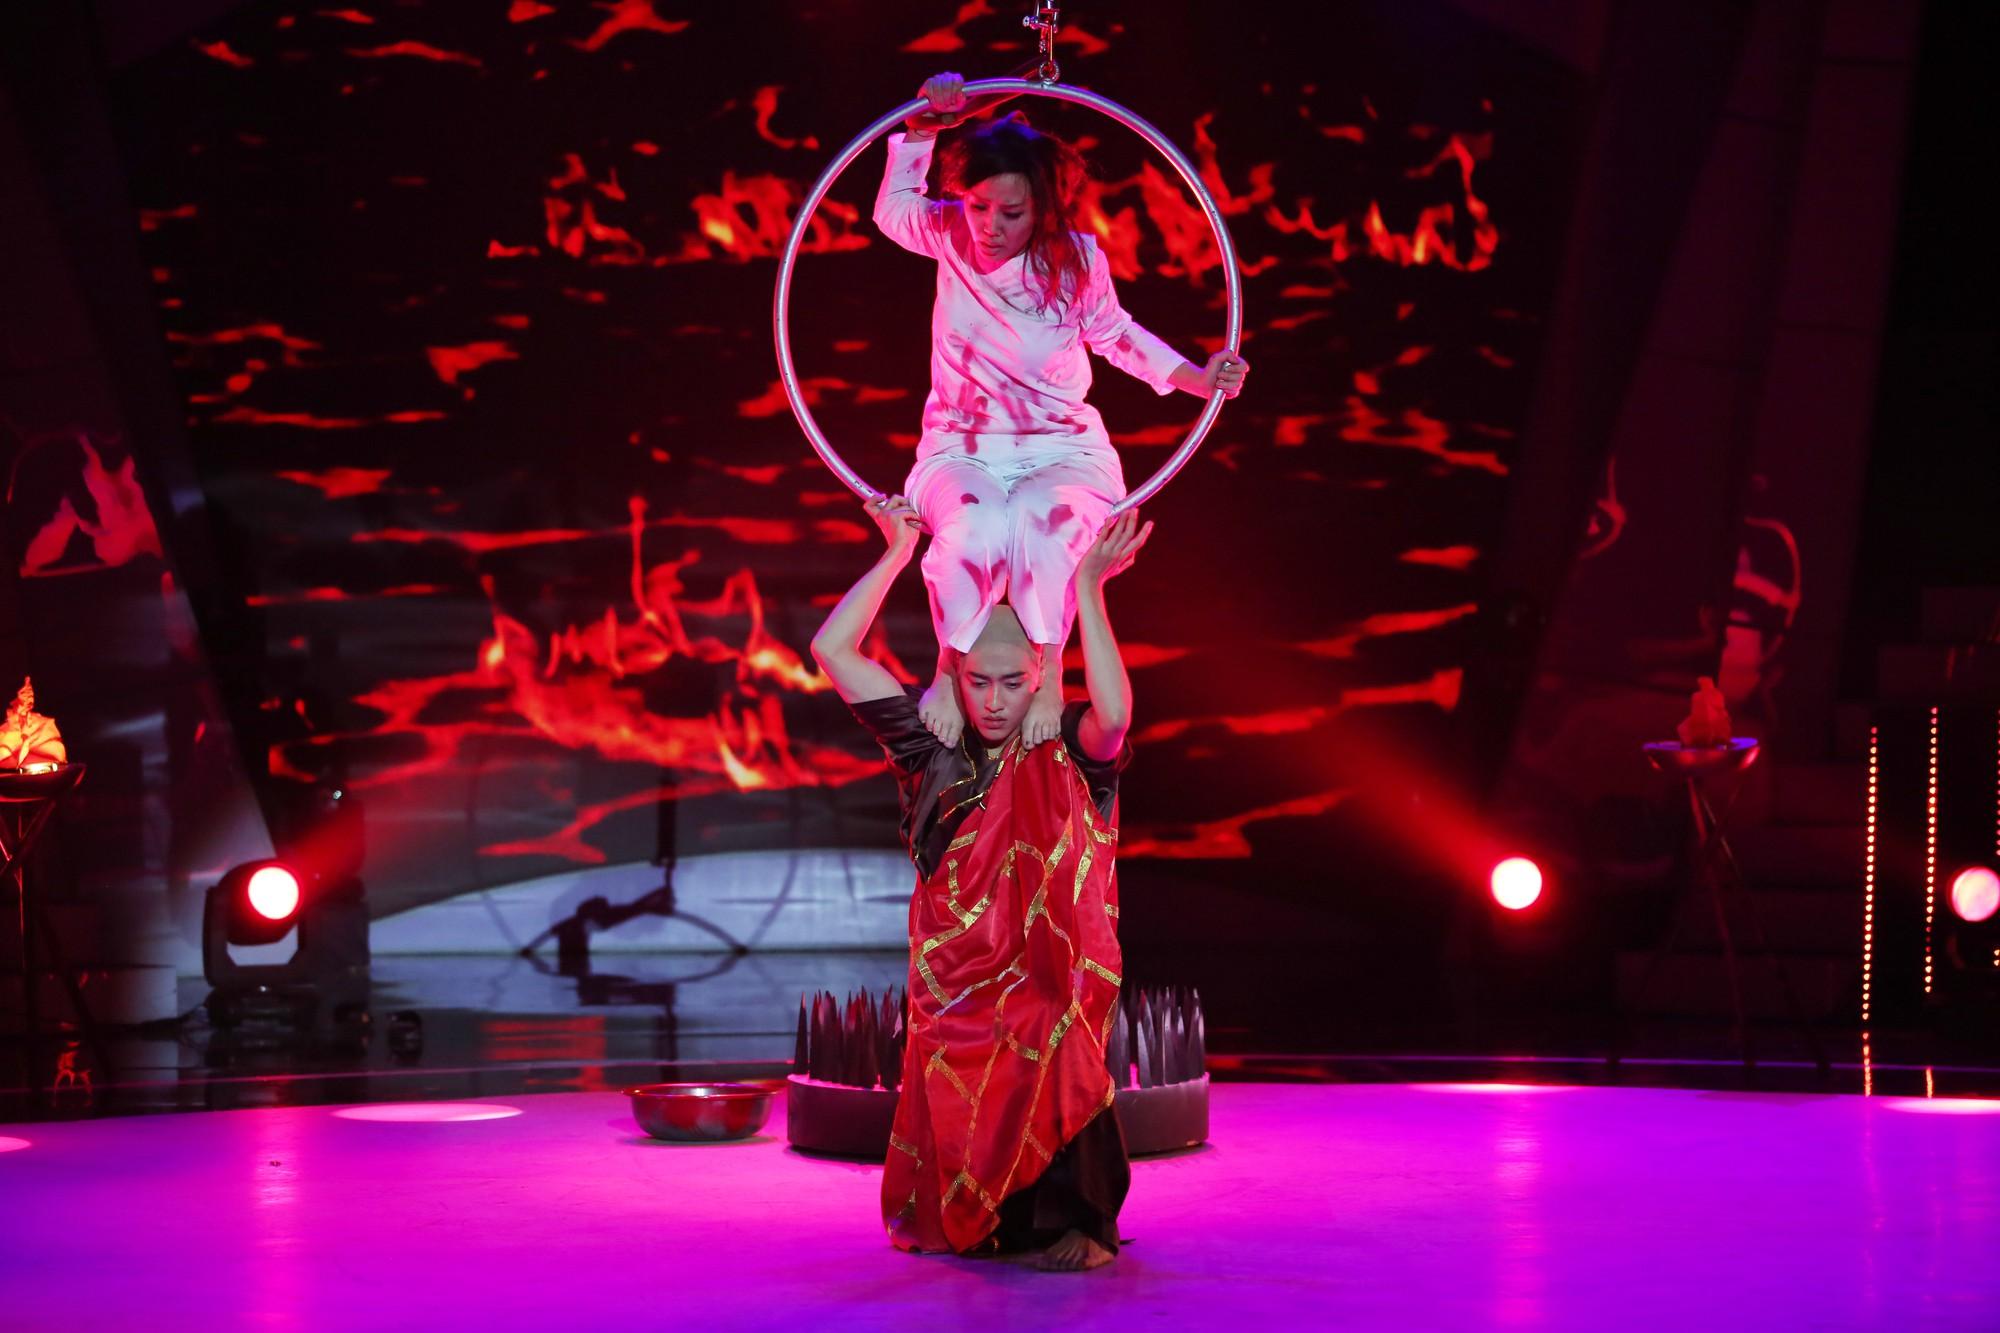 Giảm gần 30kg, bà mẹ một con Thanh Huyền lên ngôi Quán quân Bước nhảy ngàn cân 2017 - Ảnh 8.